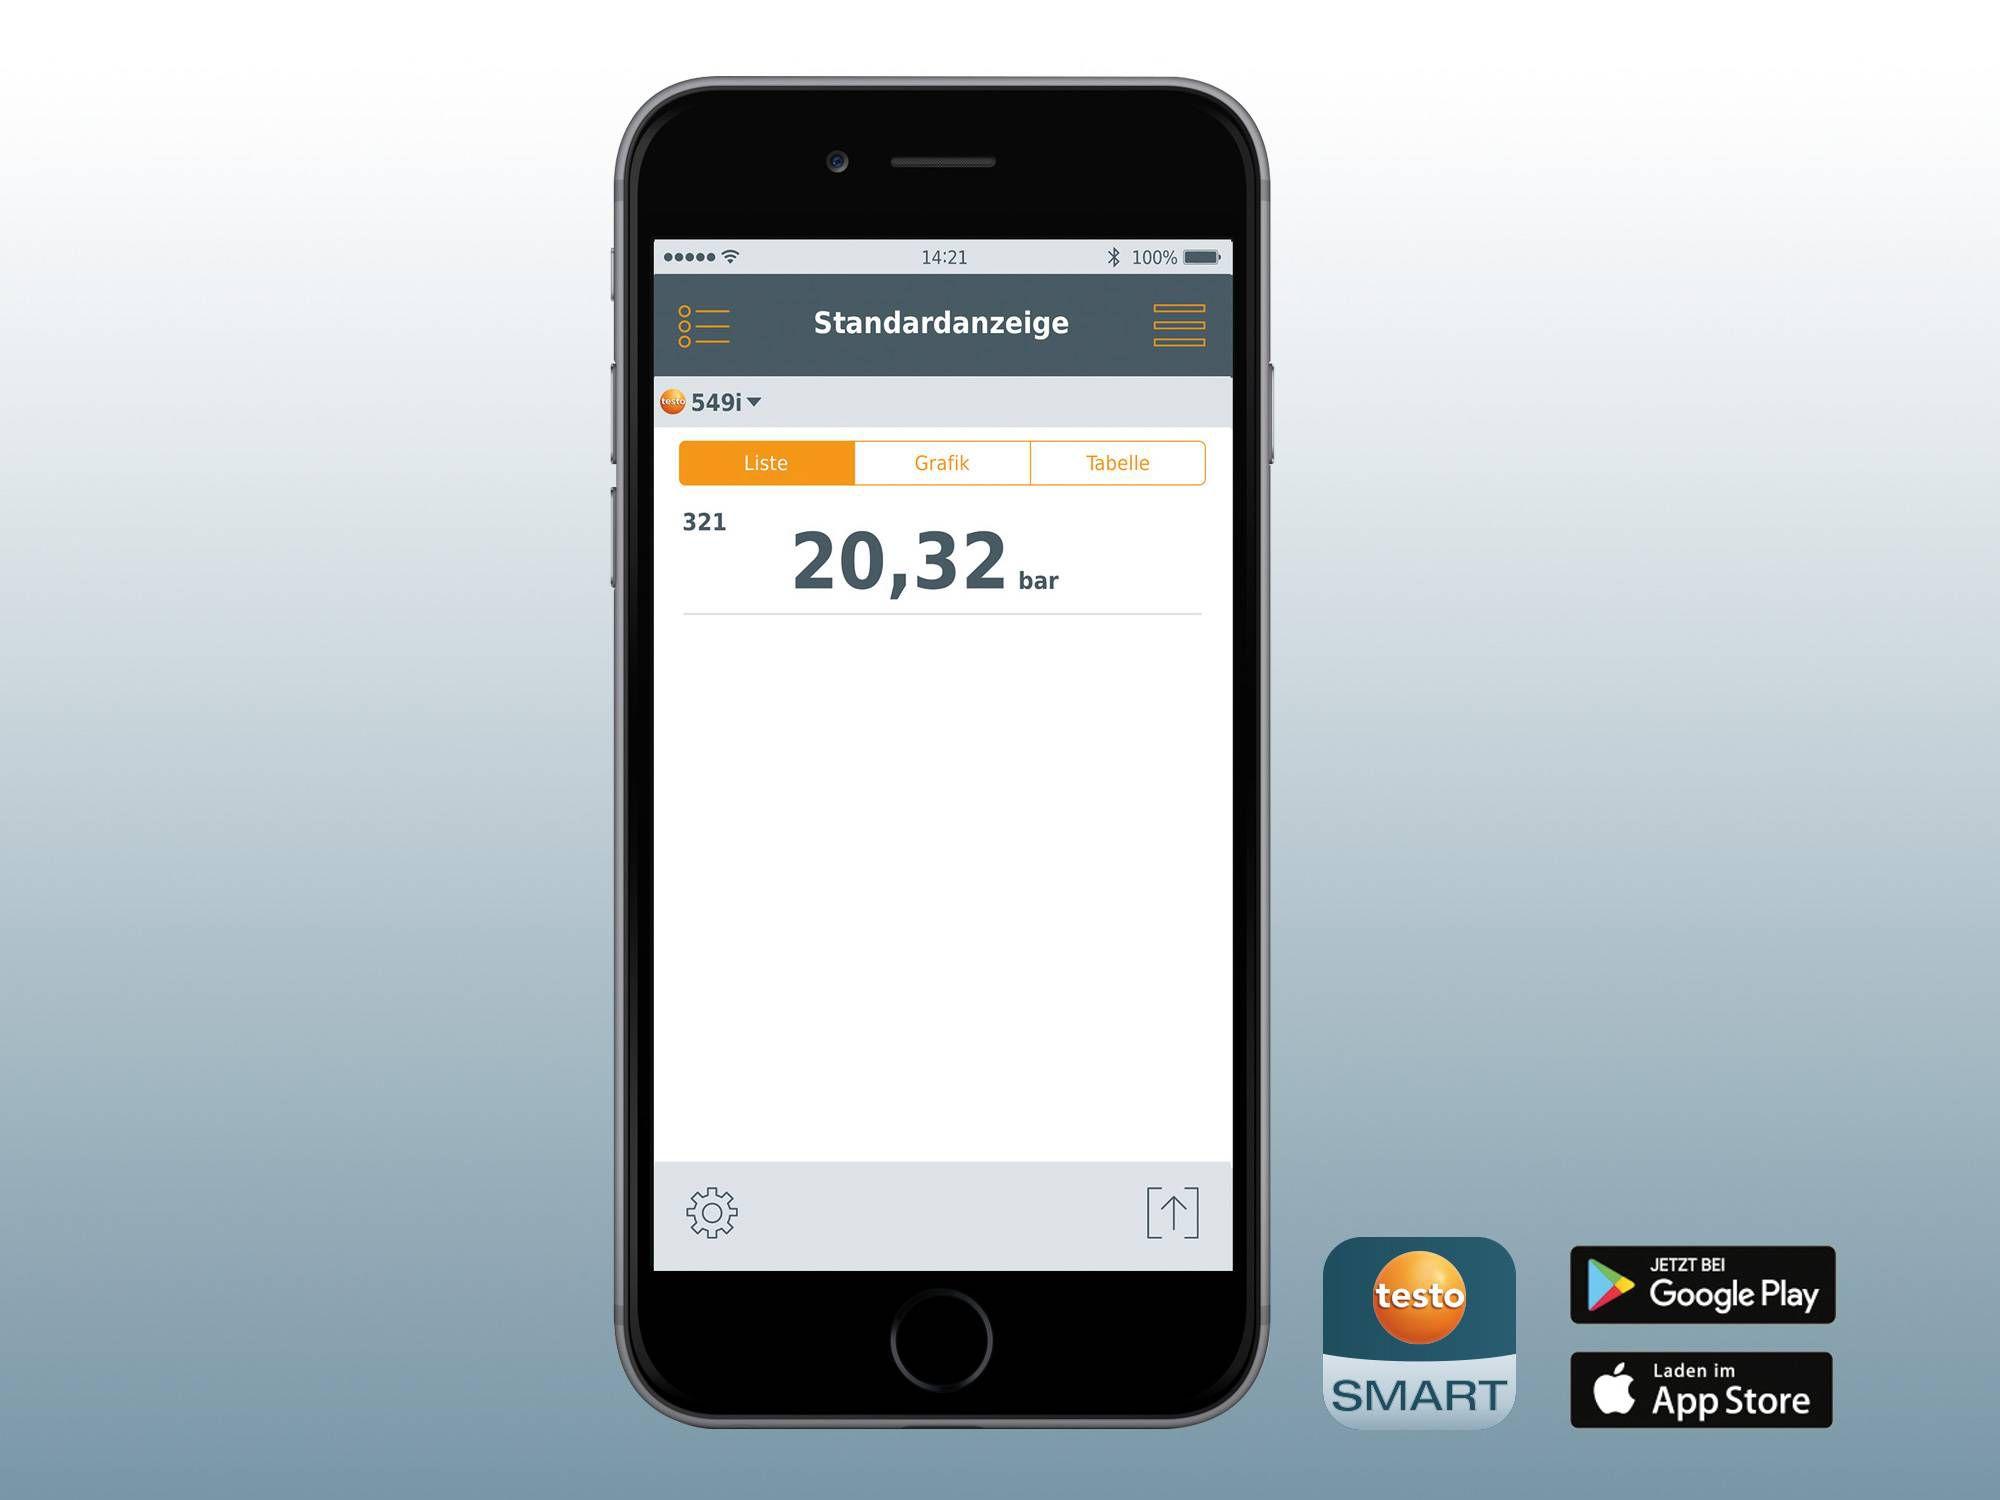 Hochdruckmessgerät mit Smartphone-Bedienung